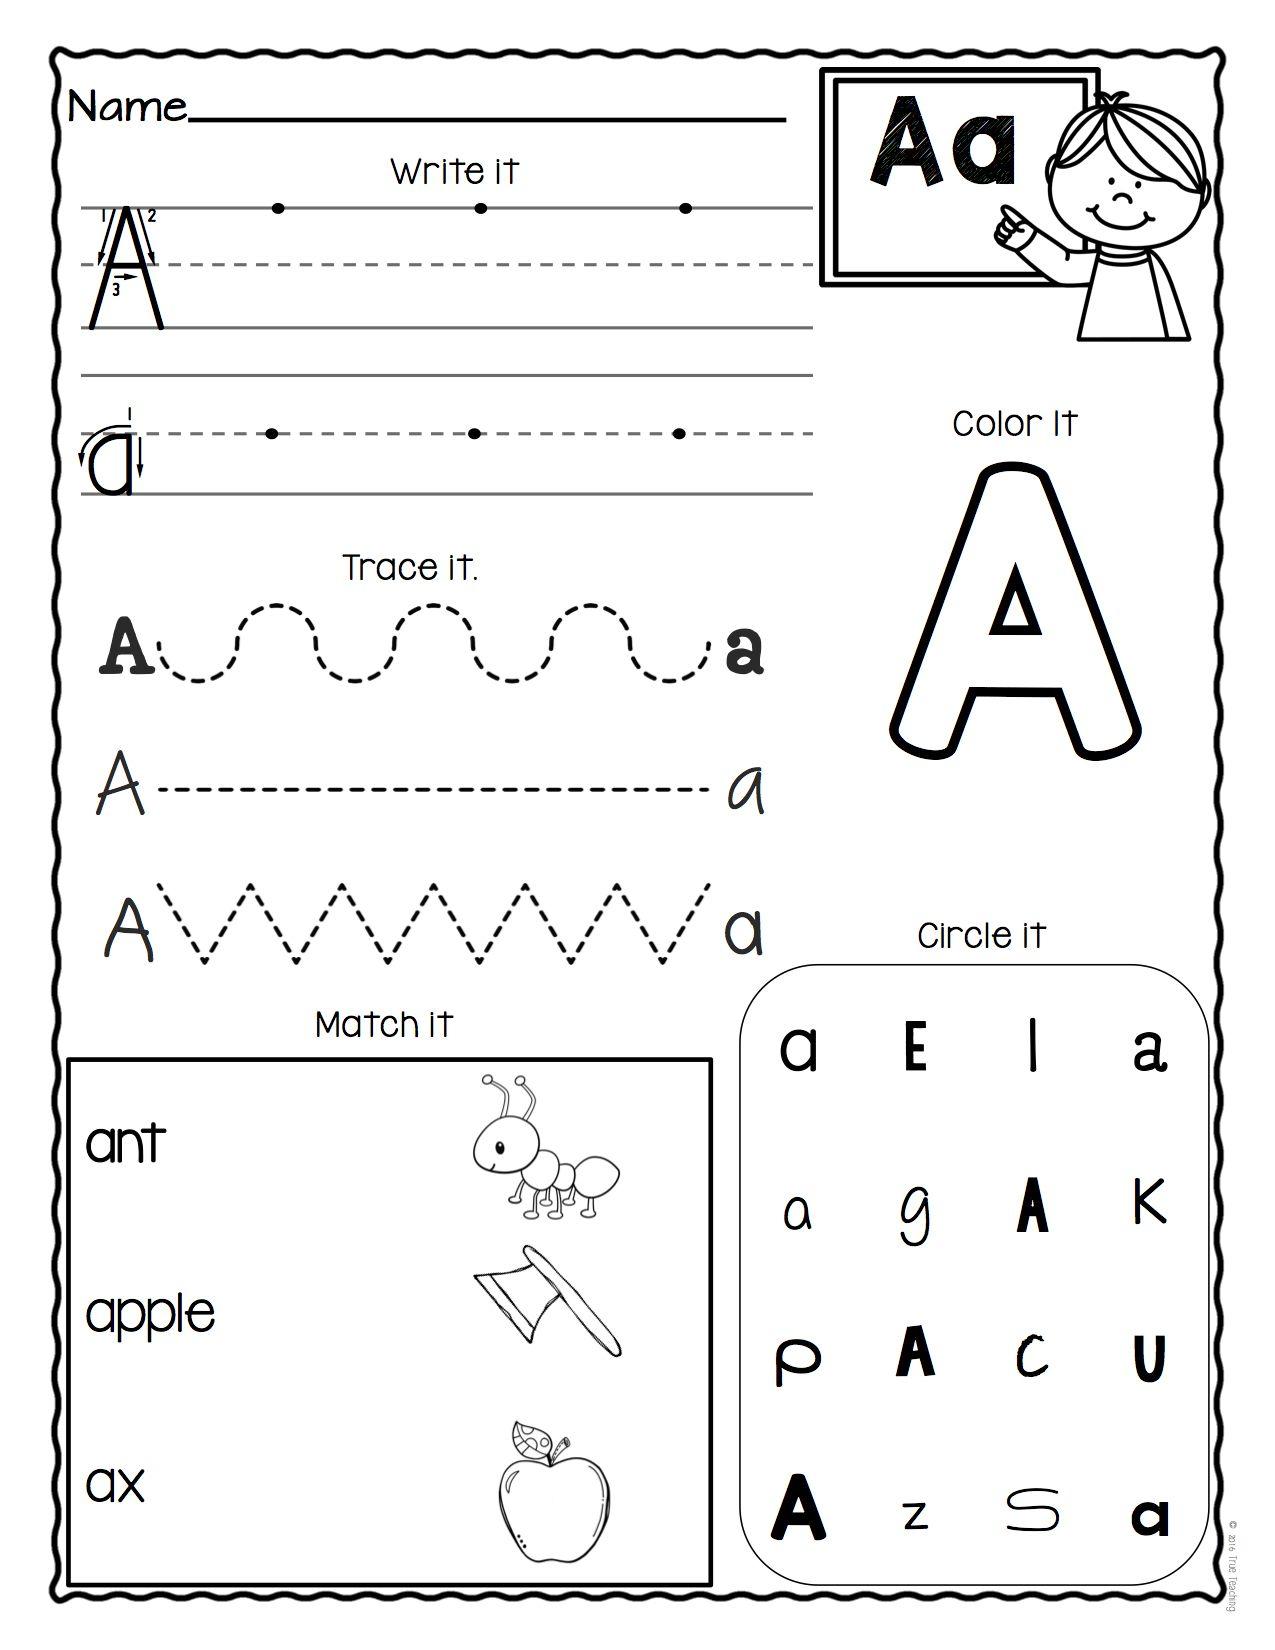 A-Z Letter Worksheets (Set 3) | Alphabet Worksheets intended for Alphabet Worksheets For Pre-K